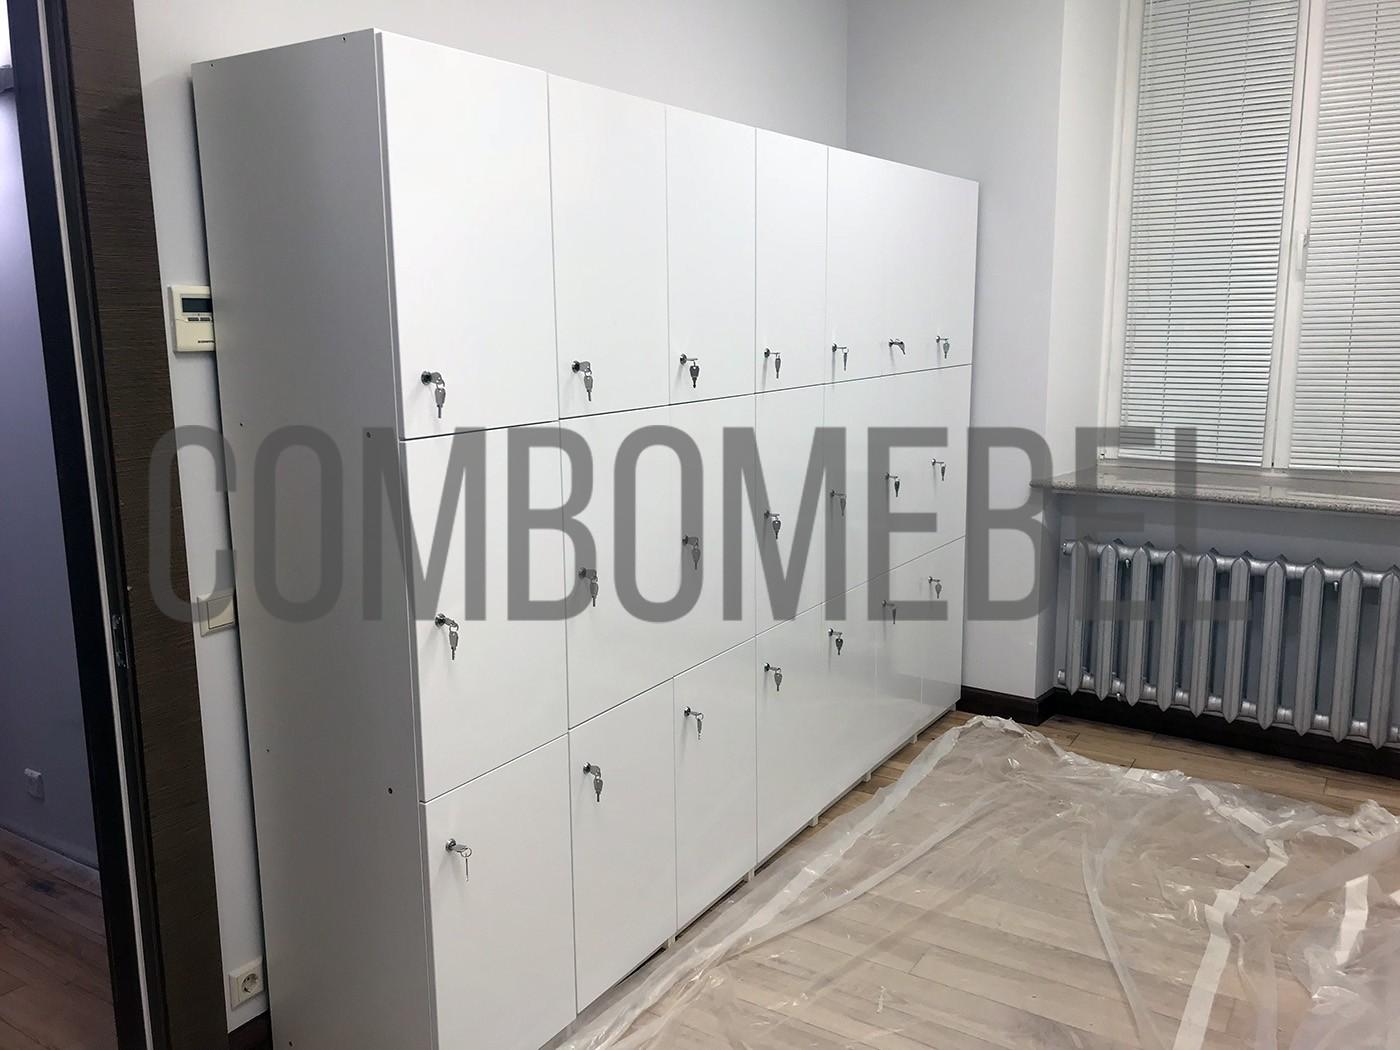 глянцевые шкафчики для фитнеса на заказ в Москве